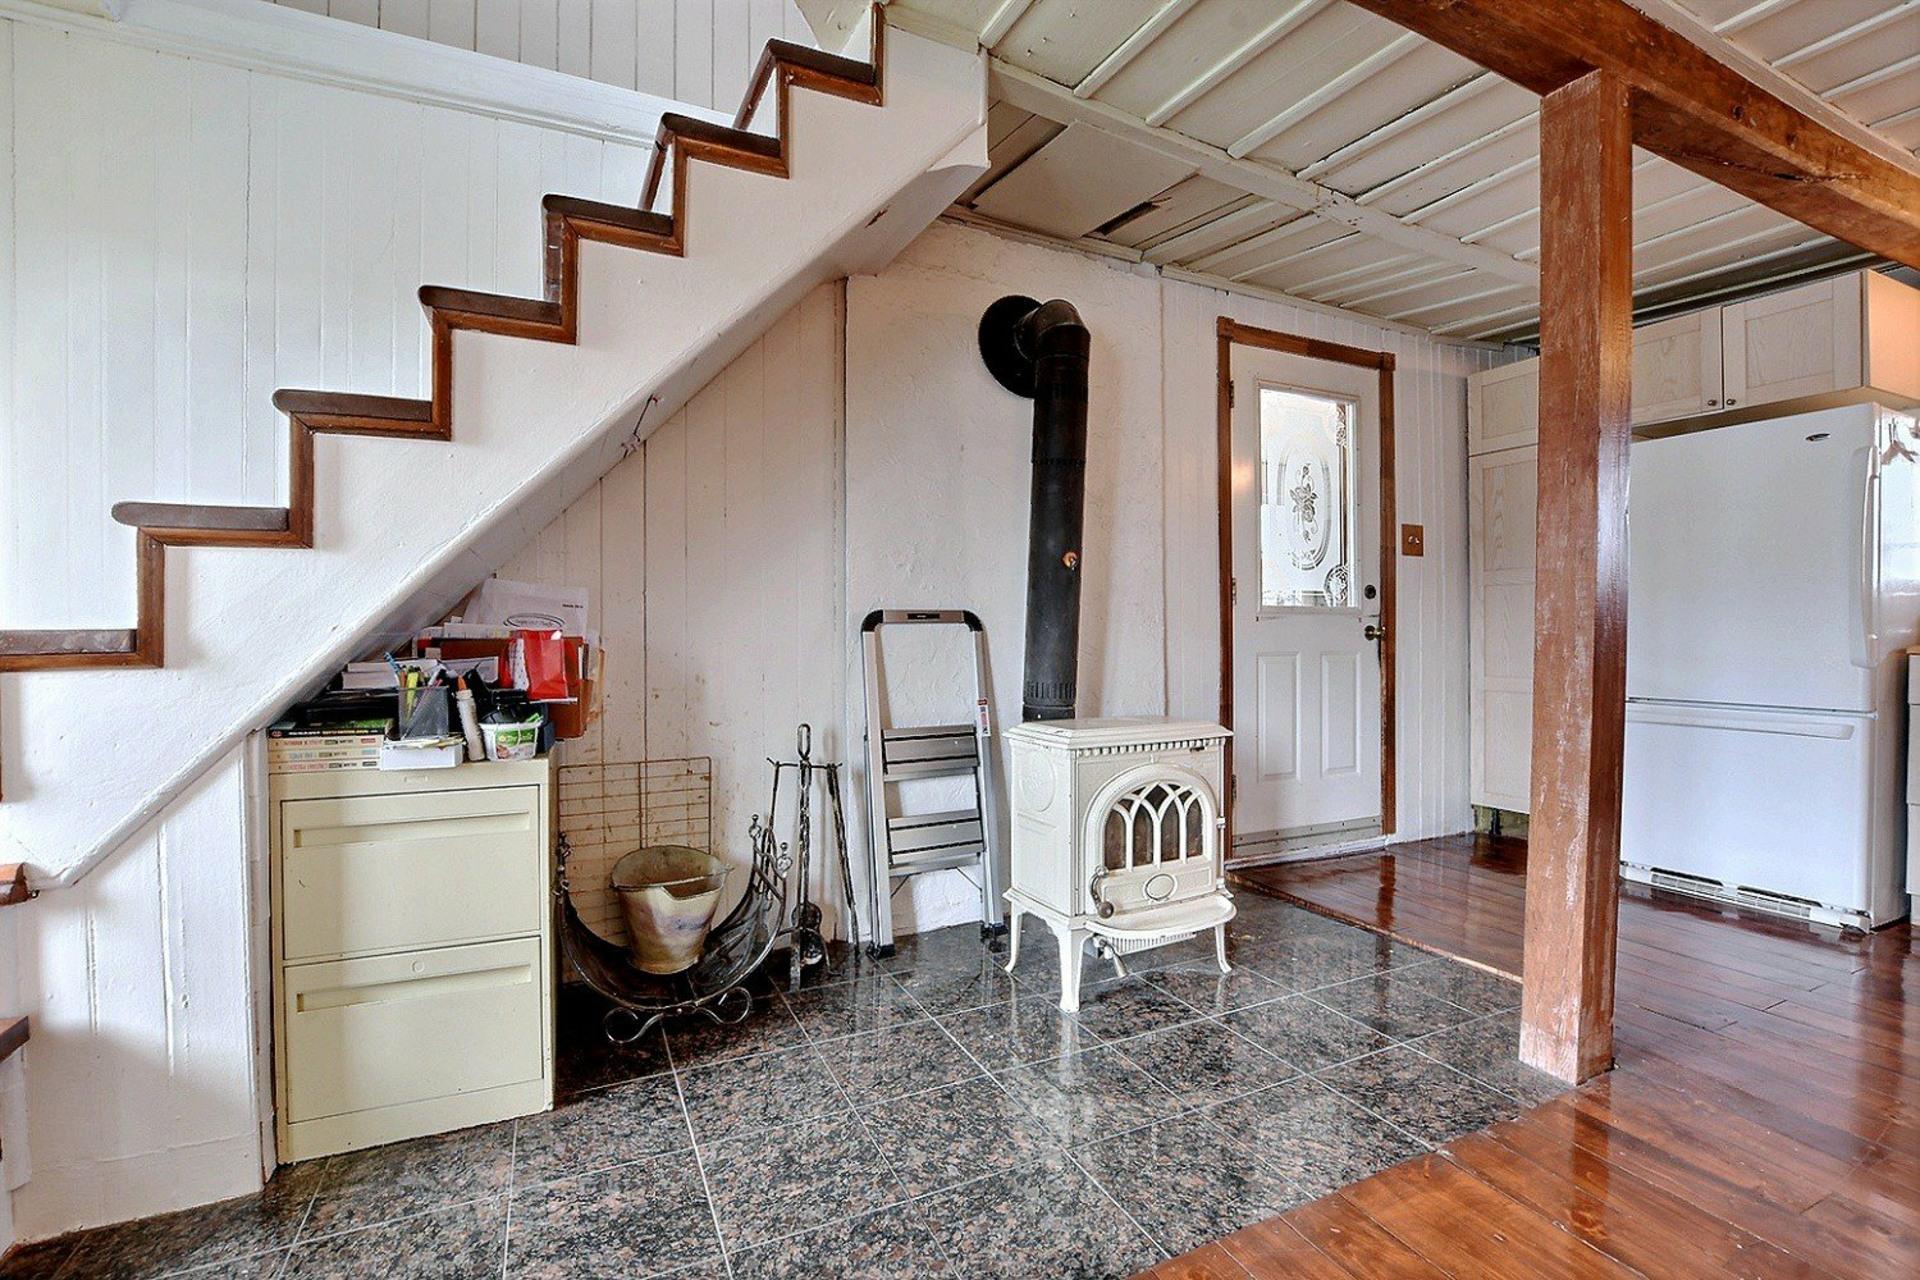 image 5 - Maison À vendre Saint-Joseph-du-Lac - 8 pièces